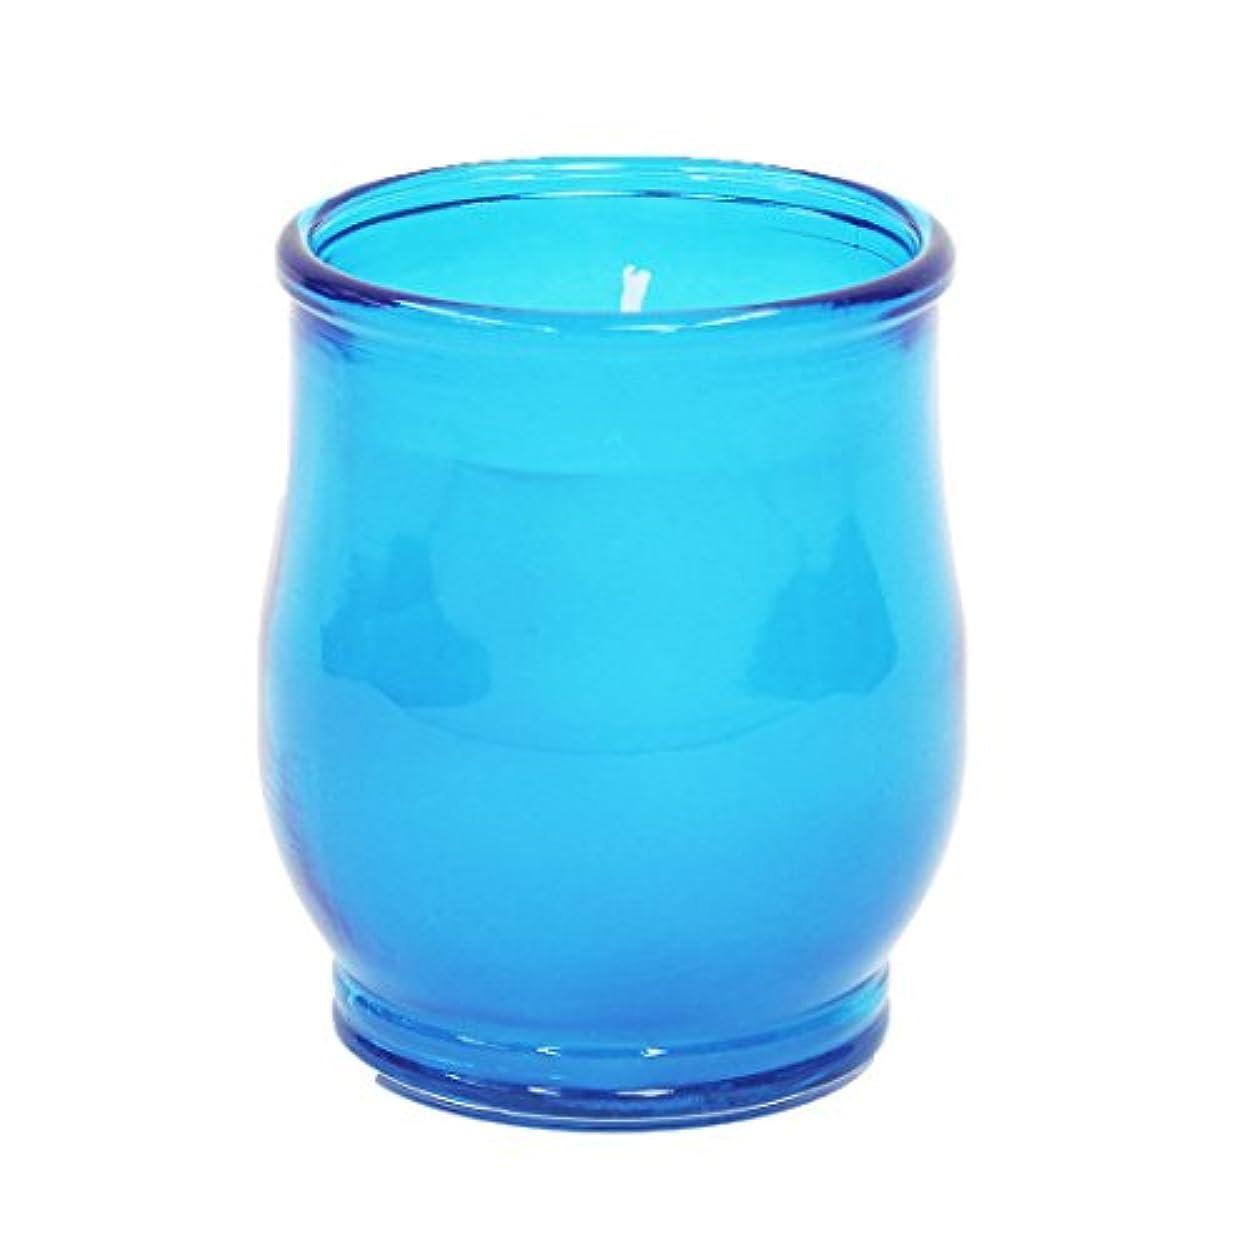 銅動脈アナリストポシェ(非常用コップローソク) 「 ブルー 」